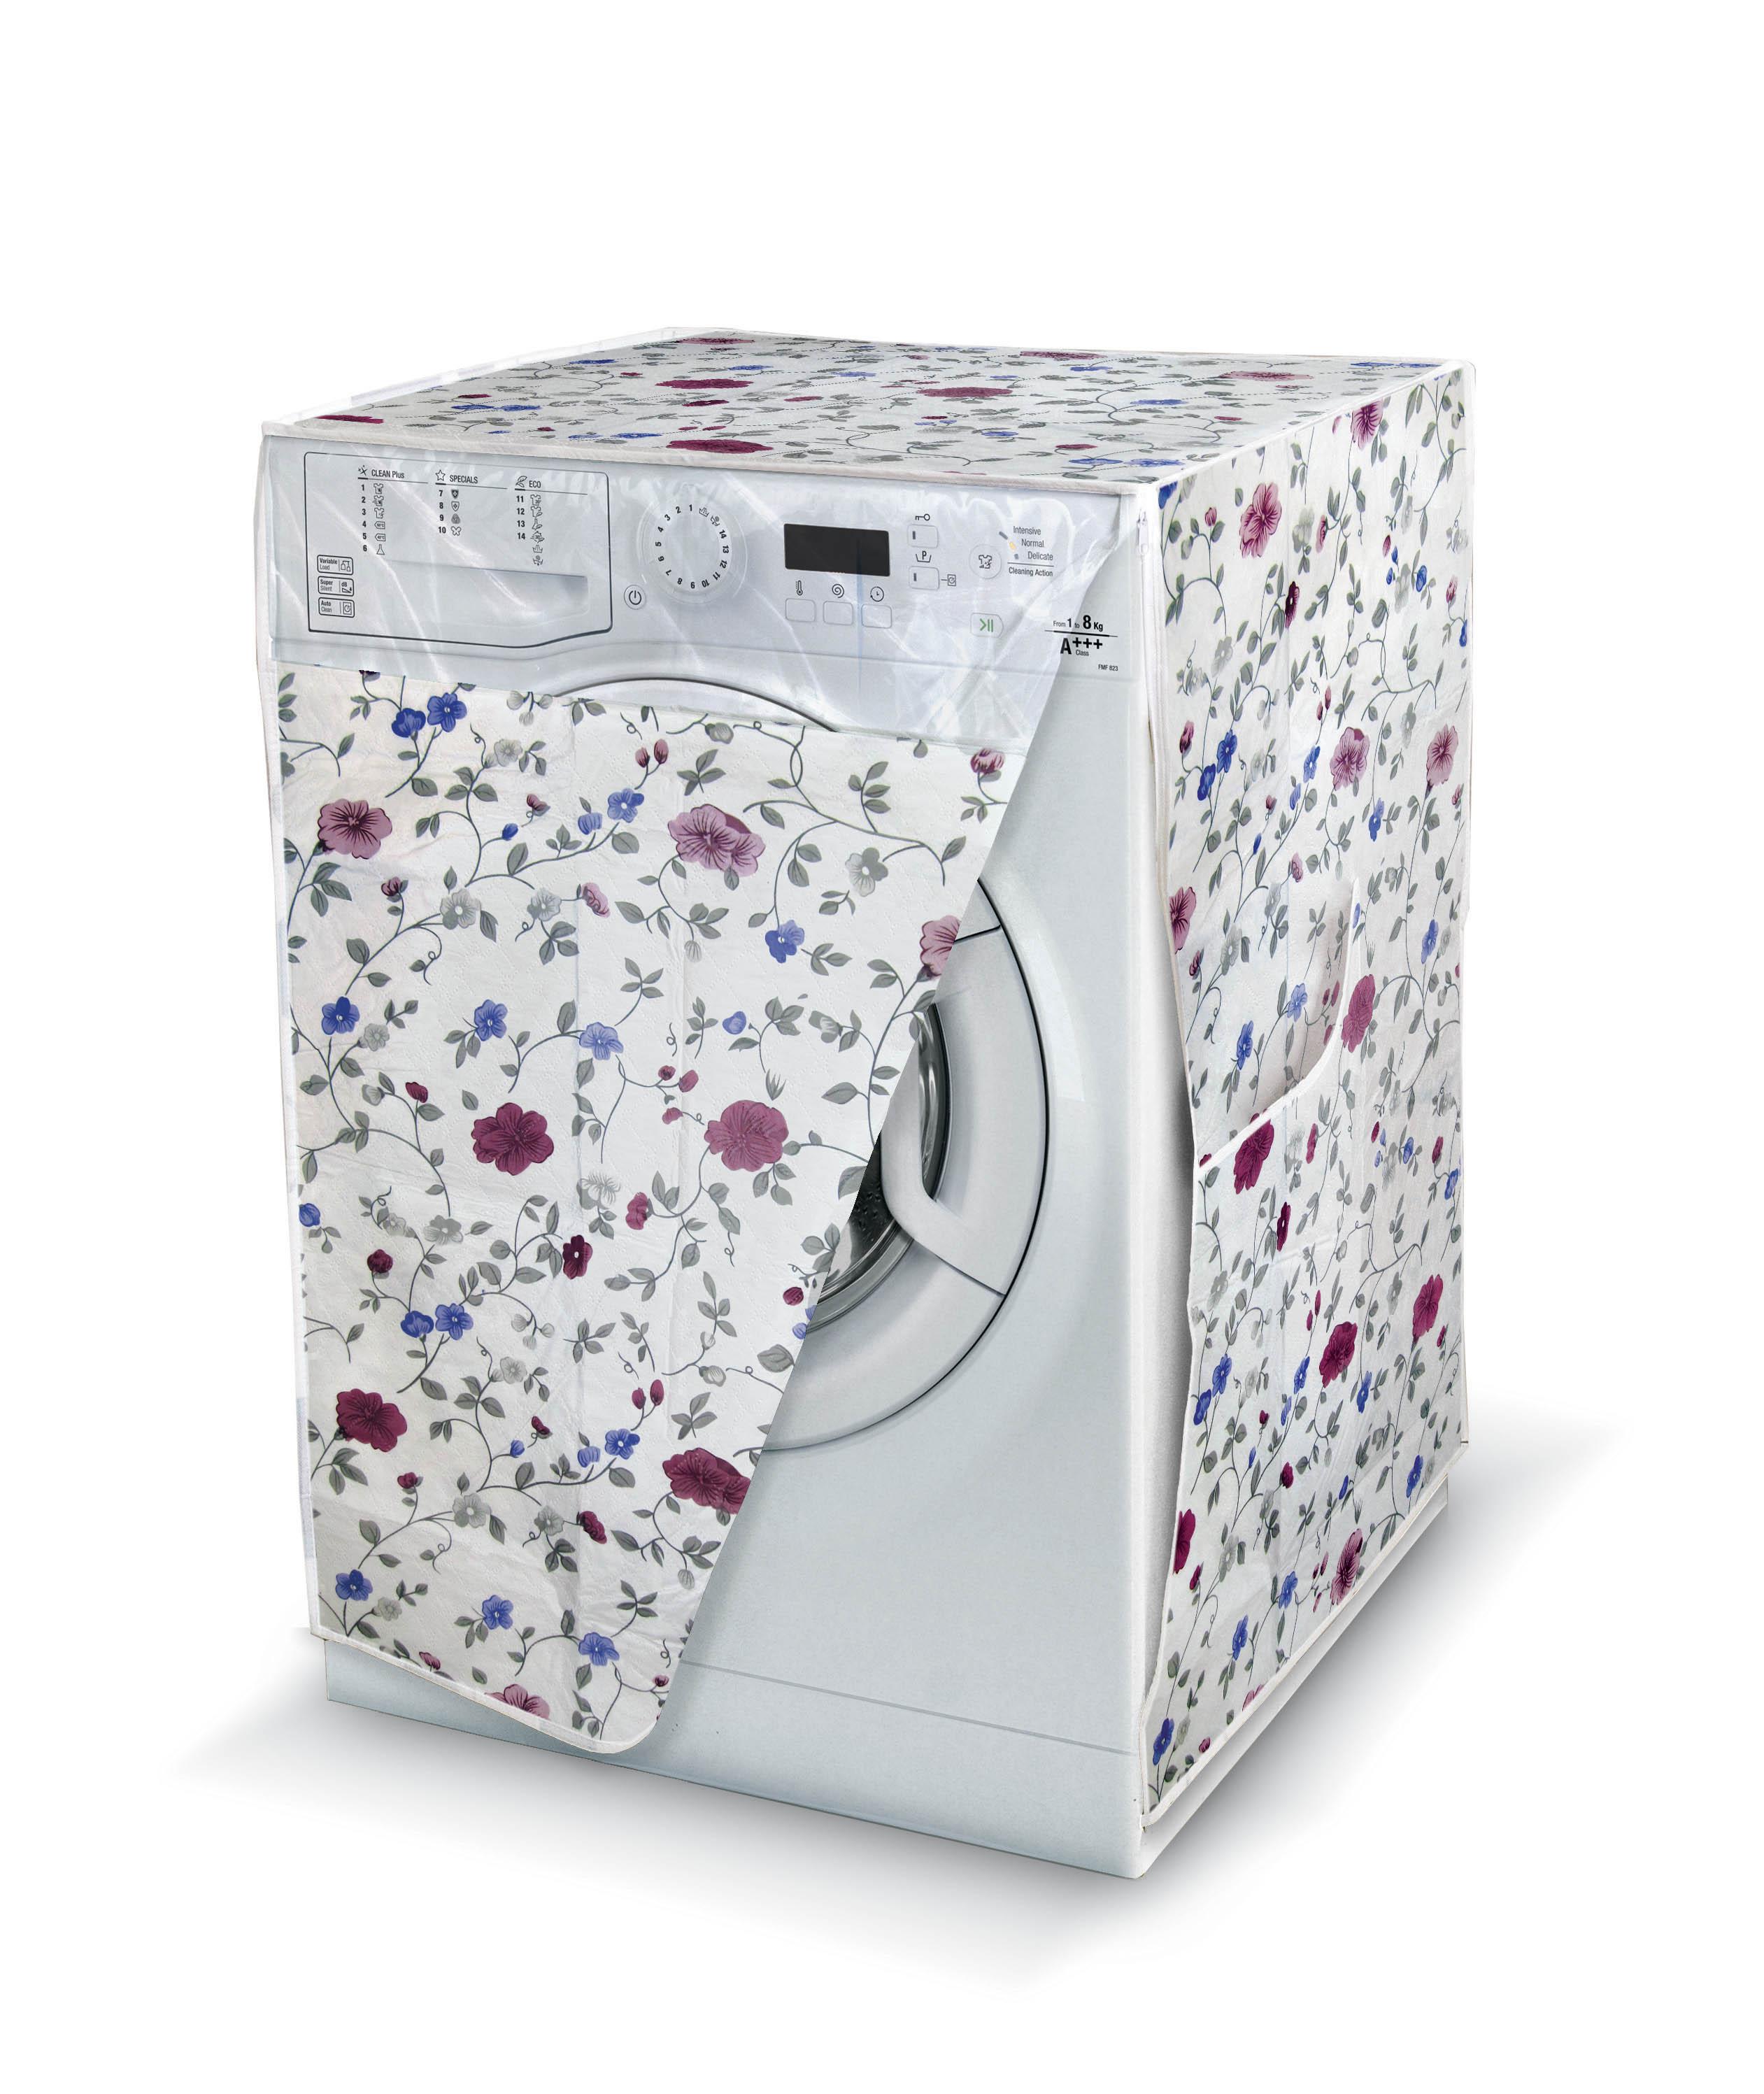 DOMOPAK Living Praktický obal na pračku s oknem Barva: multicolor